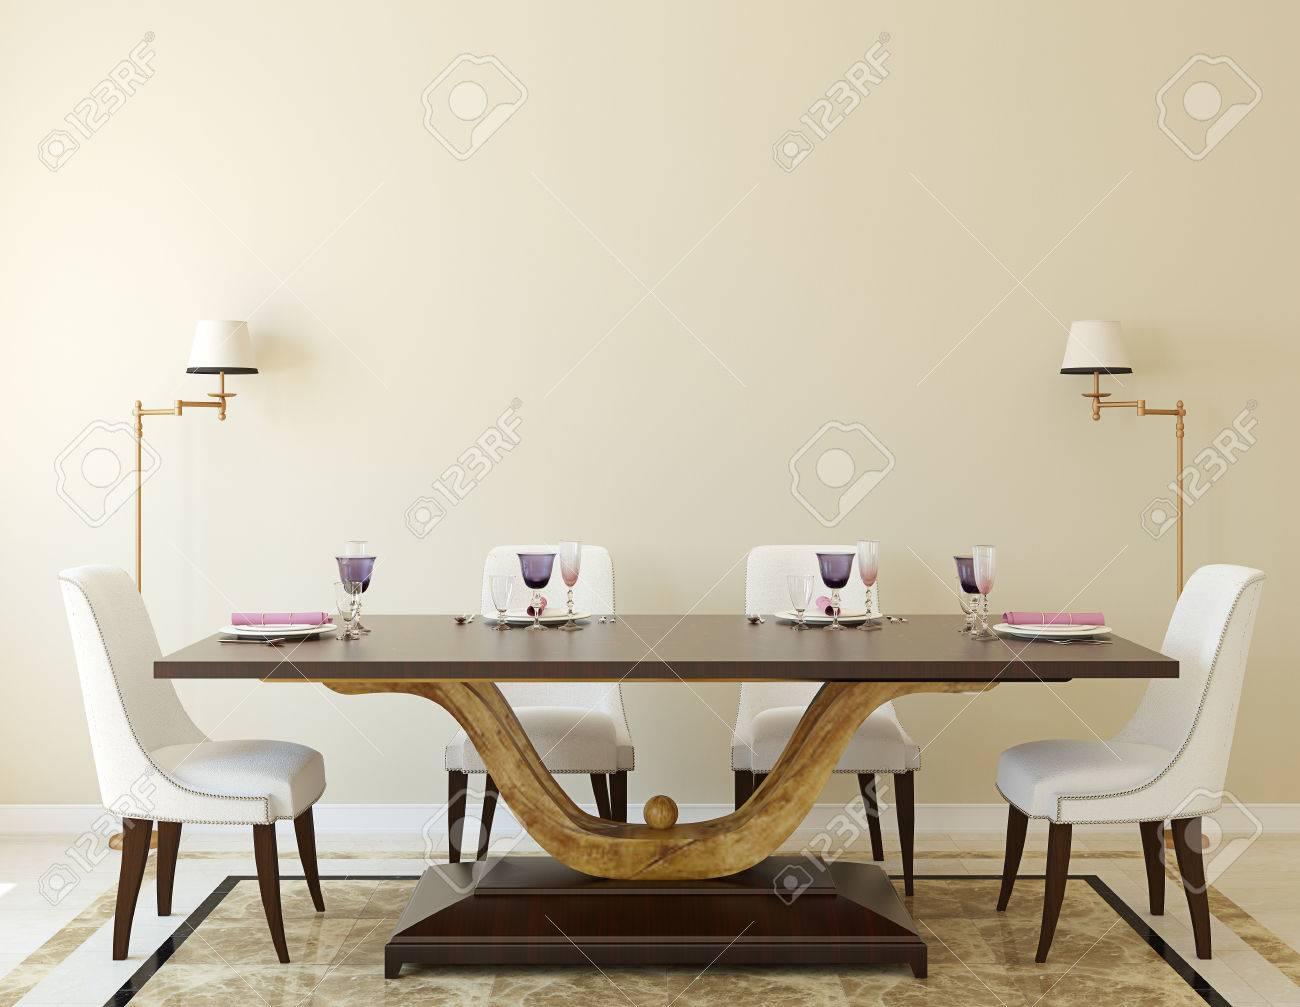 Modern dining-room interior.3d render. - 45647964